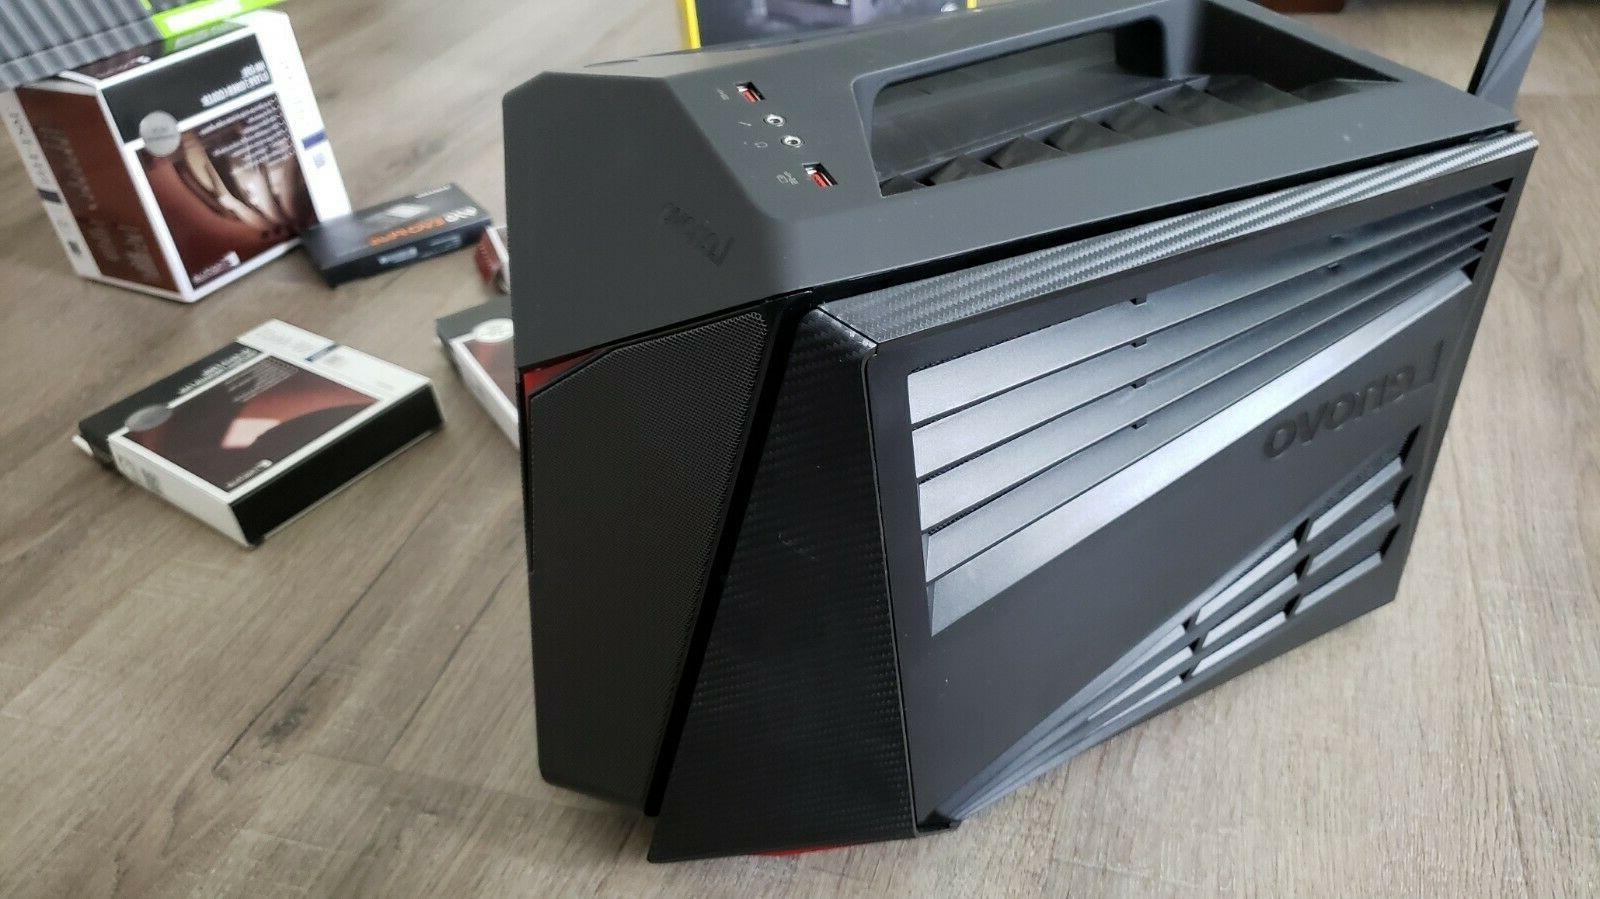 Custom Gaming ITX RYZEN 9 3900X, RTX Super, 32GB